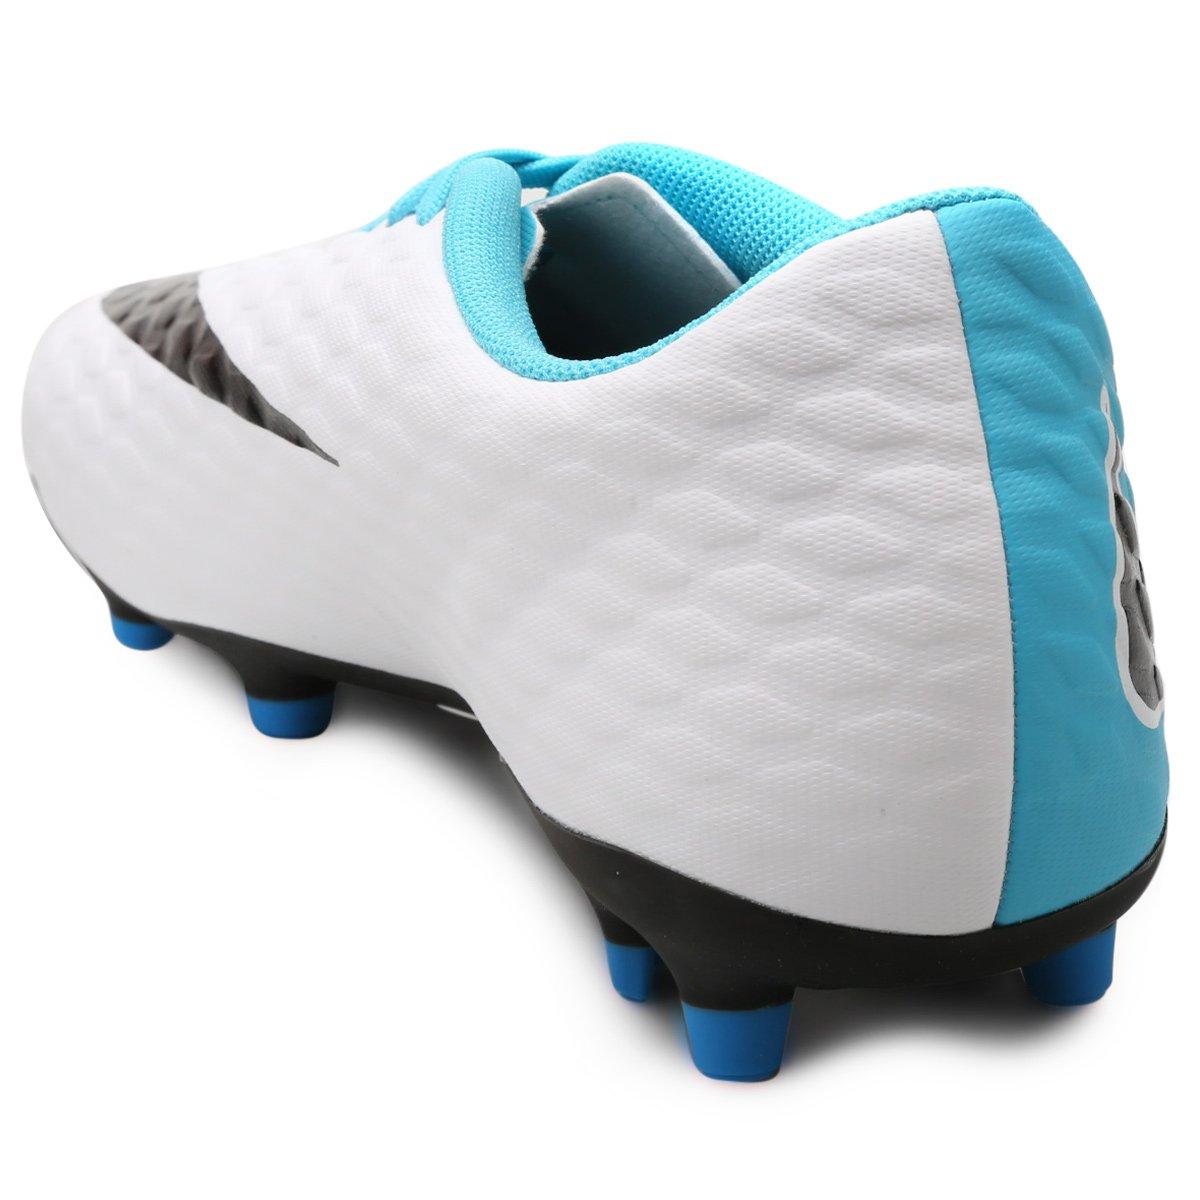 1e0e9dec98 Chuteira Campo Nike Hypervenom Phade 3 FG - Azul e Branco - Compre ...